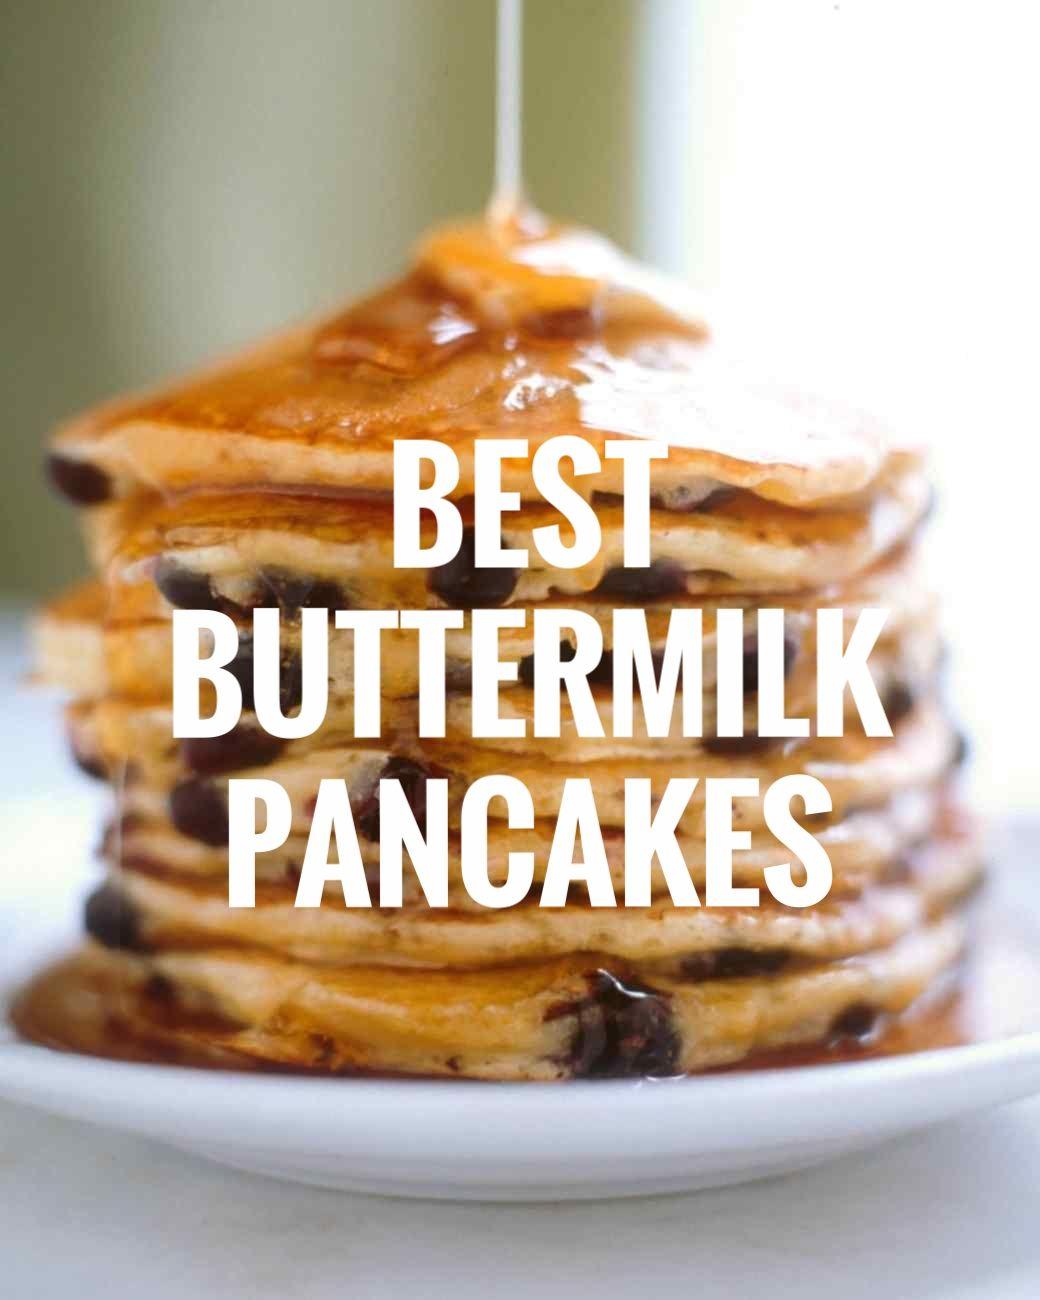 Best Buttermilk Pancakes Recipe Buttermilk Pancakes Sweet Breakfast Food